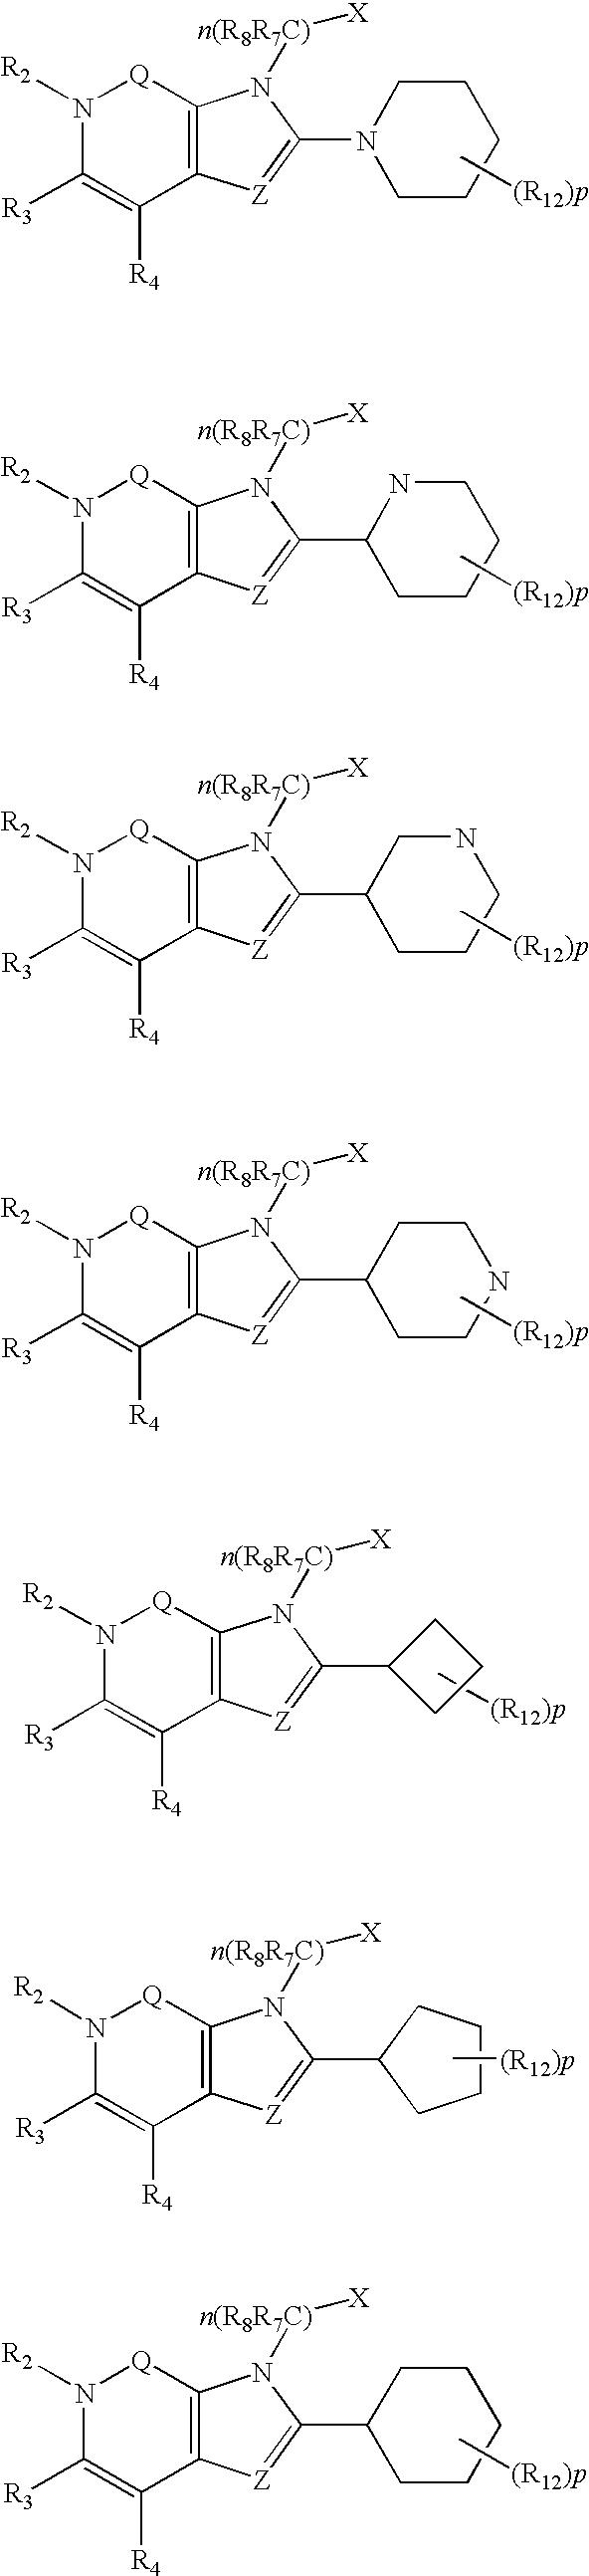 Figure US07678909-20100316-C00012